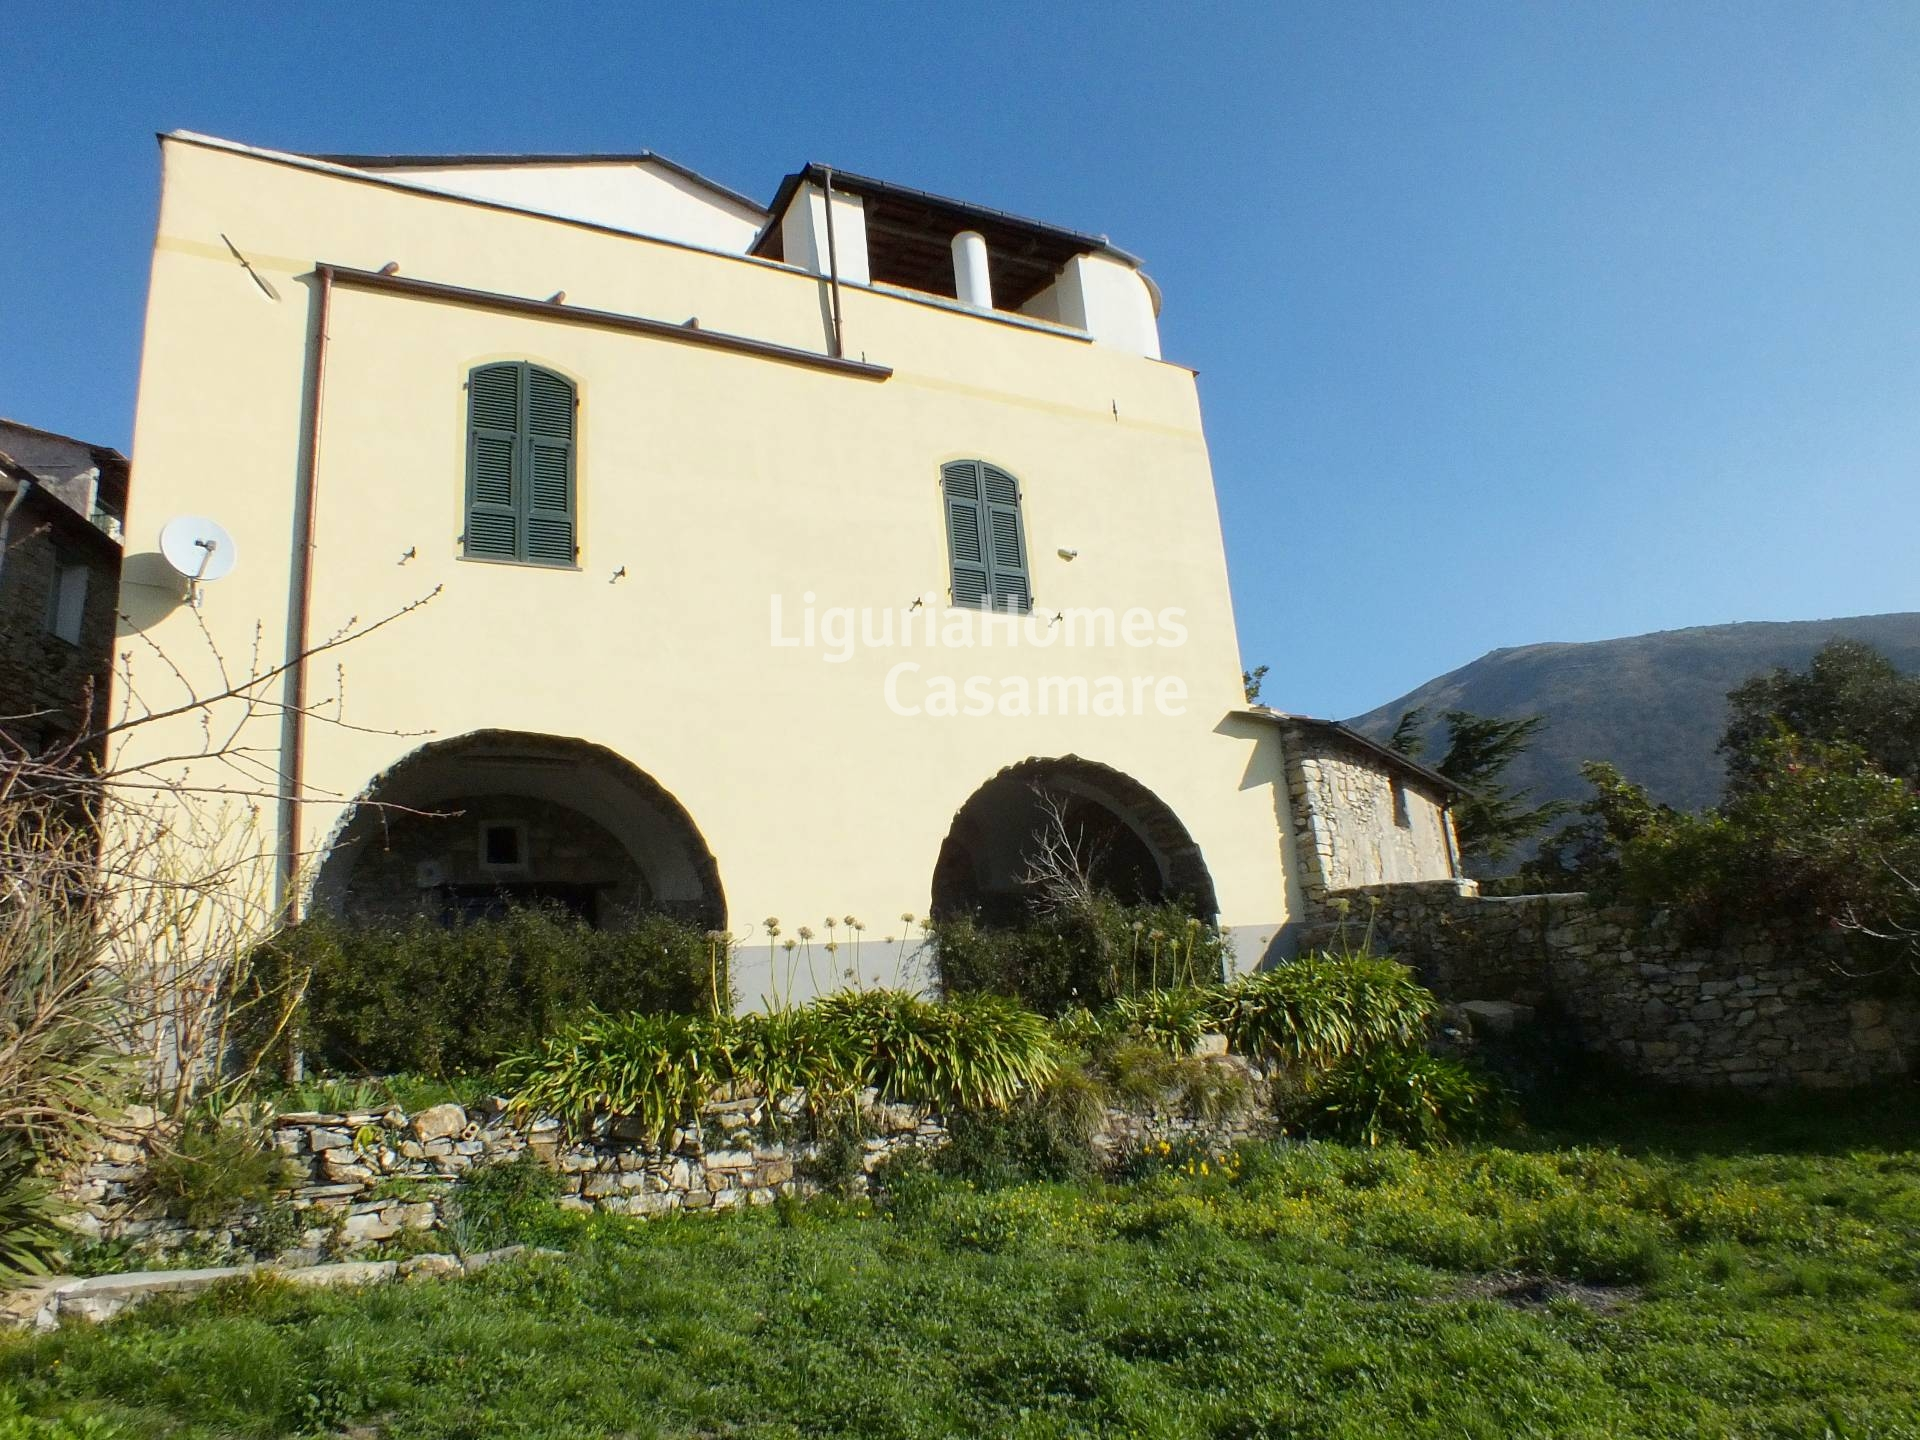 Appartamento in vendita a Chiusanico, 13 locali, prezzo € 195.000 | Cambio Casa.it